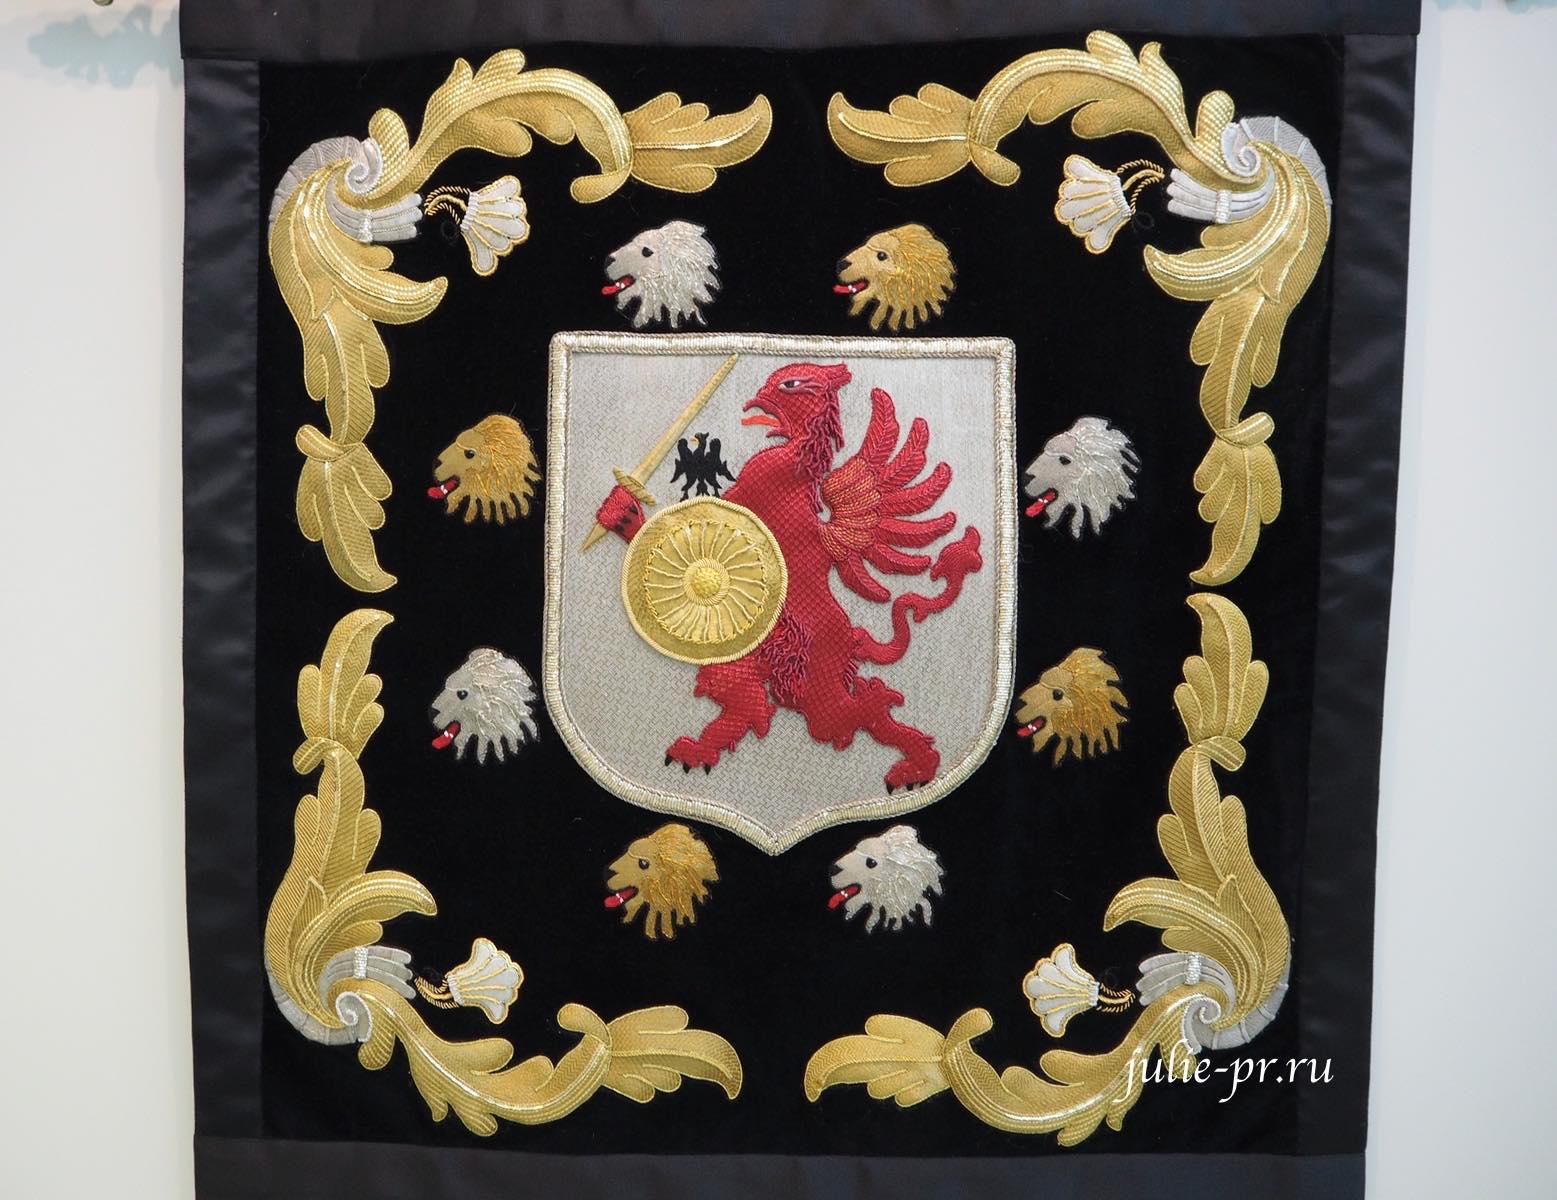 Всероссийская выставка вышивки, вышивка, Фамильный герб дома Романовых, золотное шитье